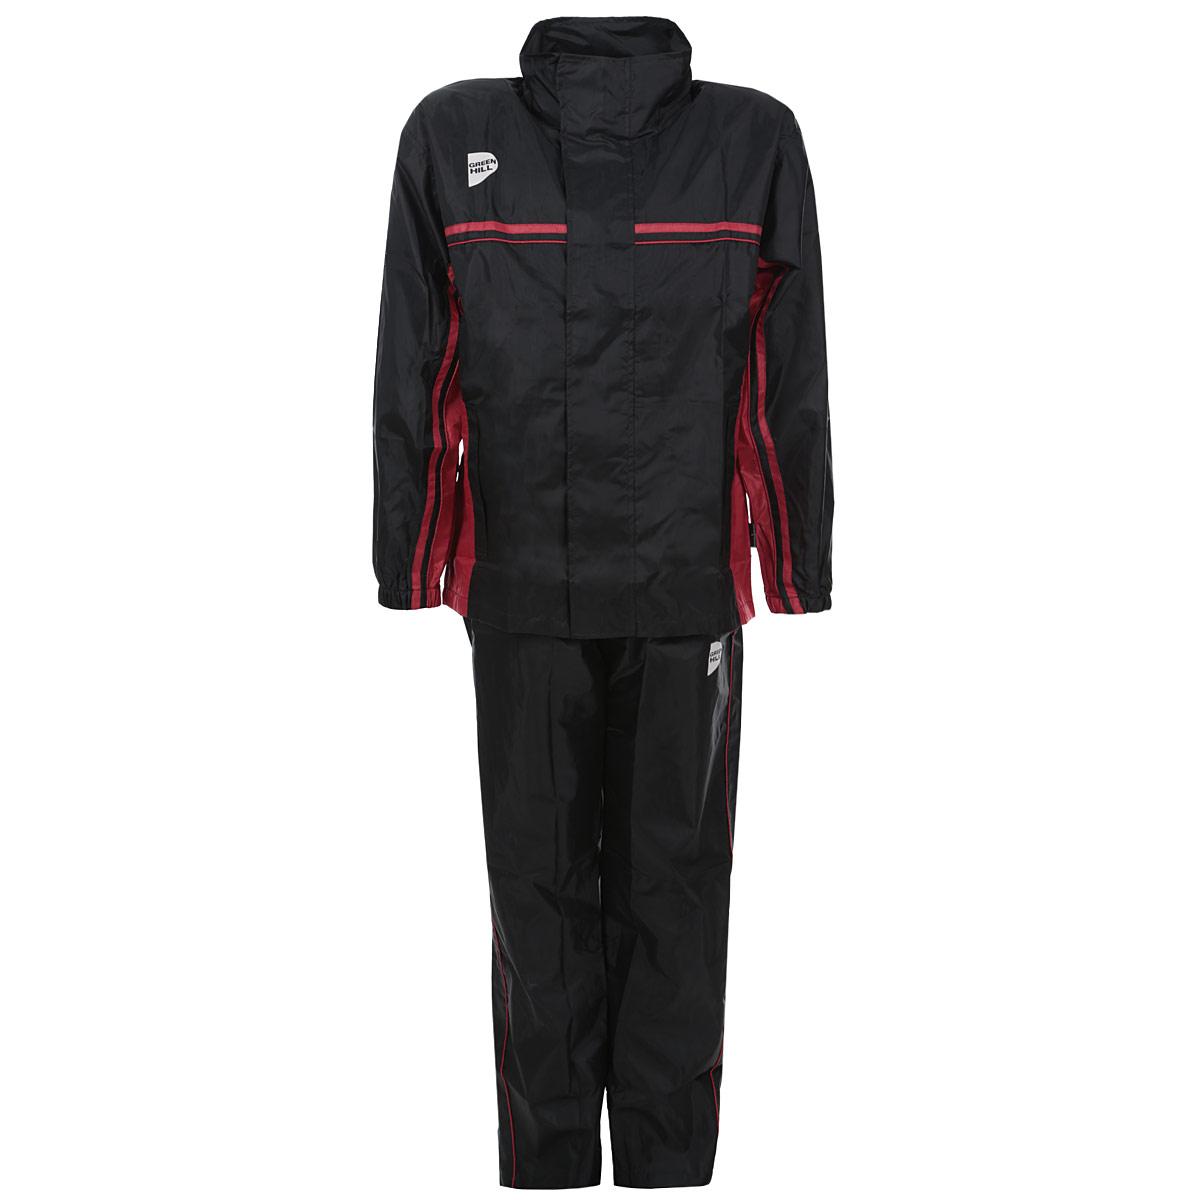 Костюм-сауна Green Hill, цвет: черный, красный. Размер 50SS-3661Костюм-сауна Green Hill предназначен для интенсивного сброса веса во время тренировок. Костюм выполнен из полиэстера черного цвета с красными вставками. Состоит из штанов и куртки с длинным рукавом. Пояс и манжеты куртки и штанов на резинках, что обеспечивает более плотное прилегание к телу. Куртка застегивается на застежку-молнию и липучки, имеет капюшон, убирающийся в воротник, и два кармана на молнии. Брюки имеют шнурок на поясе, а также карманы на молнии. Во время физических тренировок костюм создает эффект сауны, что в свою очередь эффективно воздействует на процесс сжигания жира. Поэтому в таком костюме лишний вес будет пропадать намного быстрее, чем в обычной спортивной одежде. Костюм-сауна Green Hill предназначен для интенсивного сброса веса во время тренировок. Костюм выполнен из полиэстера черного цвета с красными вставками. Состоит из штанов и куртки с длинным рукавом. Пояс и манжеты куртки и штанов на резинках, что обеспечивает более плотное прилегание к телу. Куртка застегивается на застежку-молнию и липучки, имеет капюшон, убирающийся в воротник, и два кармана на молнии. Брюки имеют шнурок на поясе, а также карманы на молнии. Во время физических тренировок костюм создает эффект сауны, что в свою очередь эффективно воздействует на процесс сжигания жира. Поэтому в таком костюме лишний вес будет пропадать намного быстрее, чем в обычной спортивной одежде.